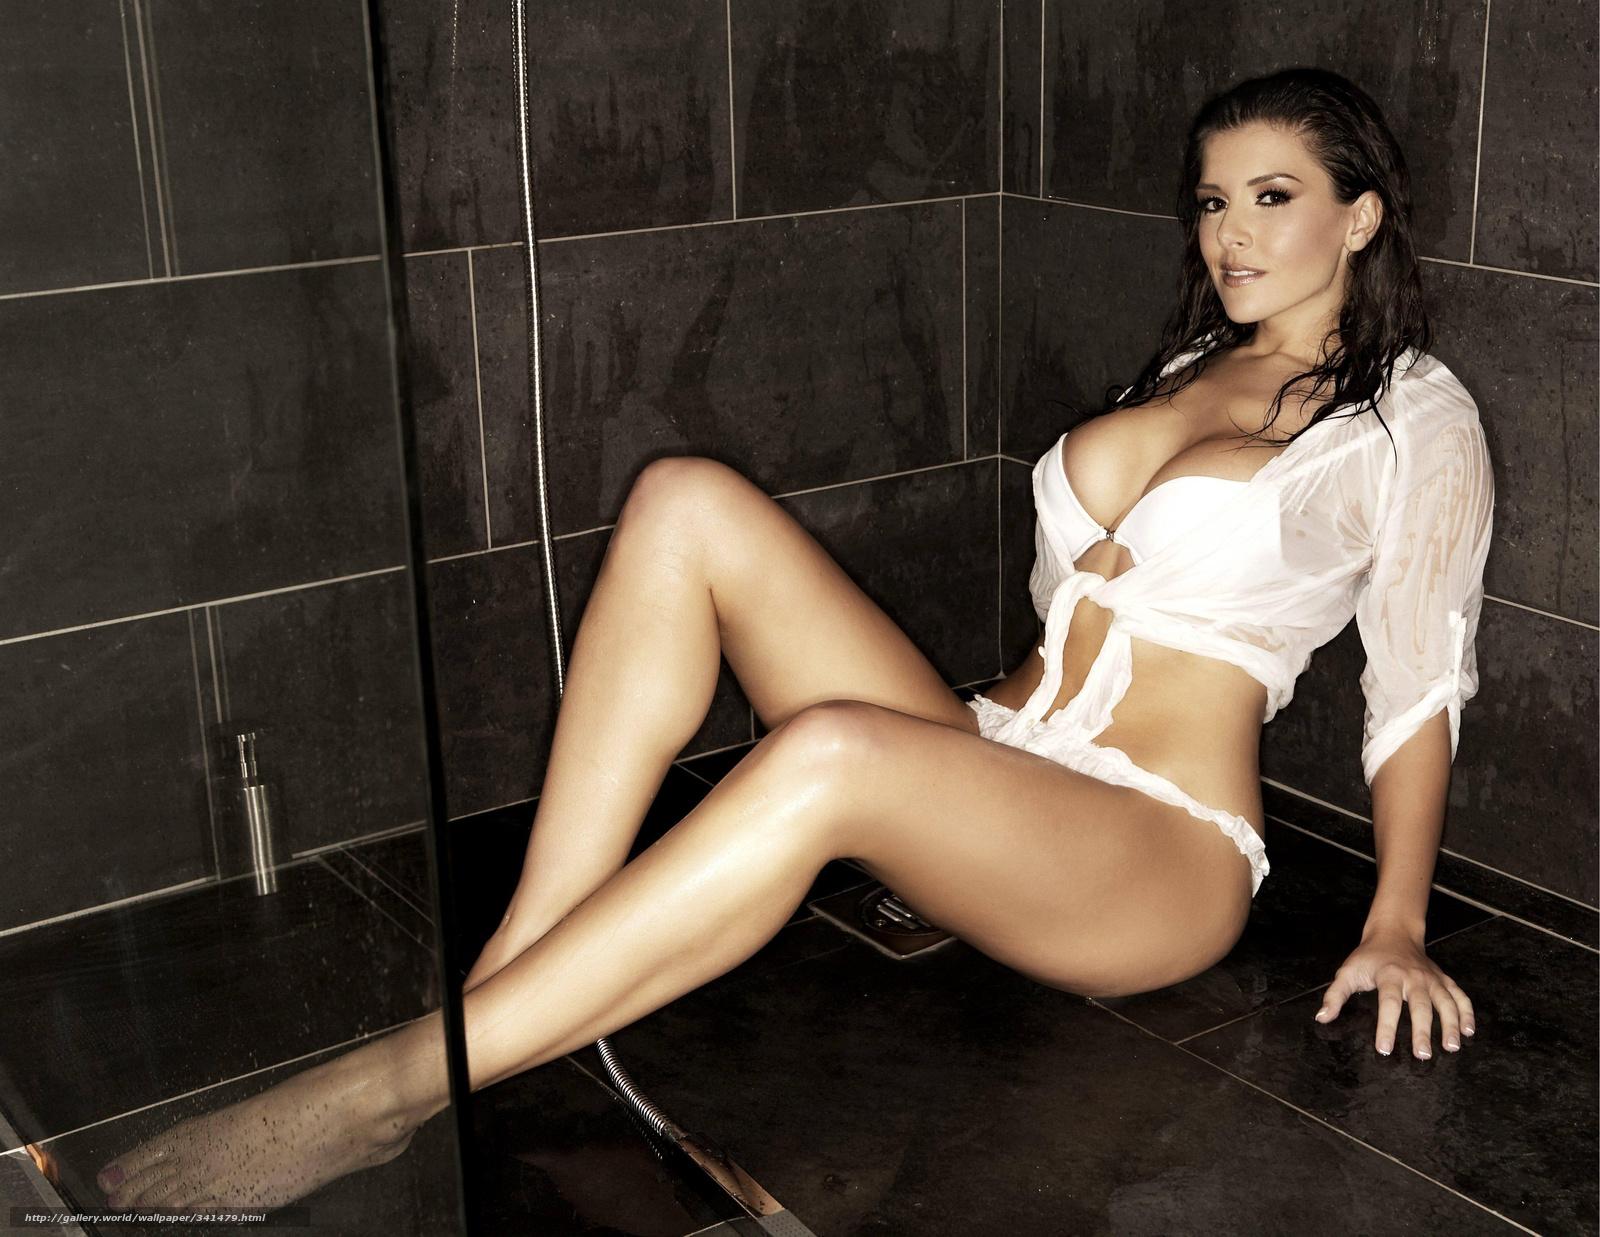 Эротические фото девочек в бане 5 фотография